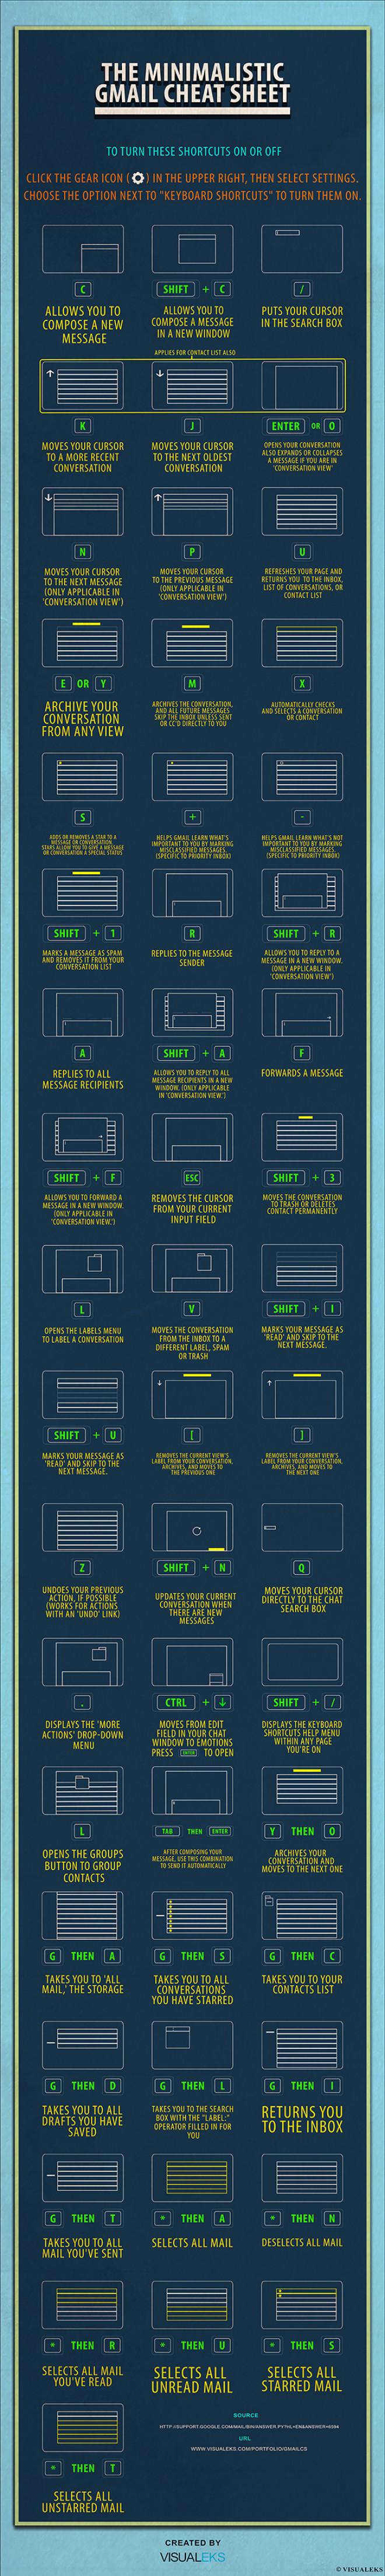 The Minimalistic Gmail Cheat Sheet